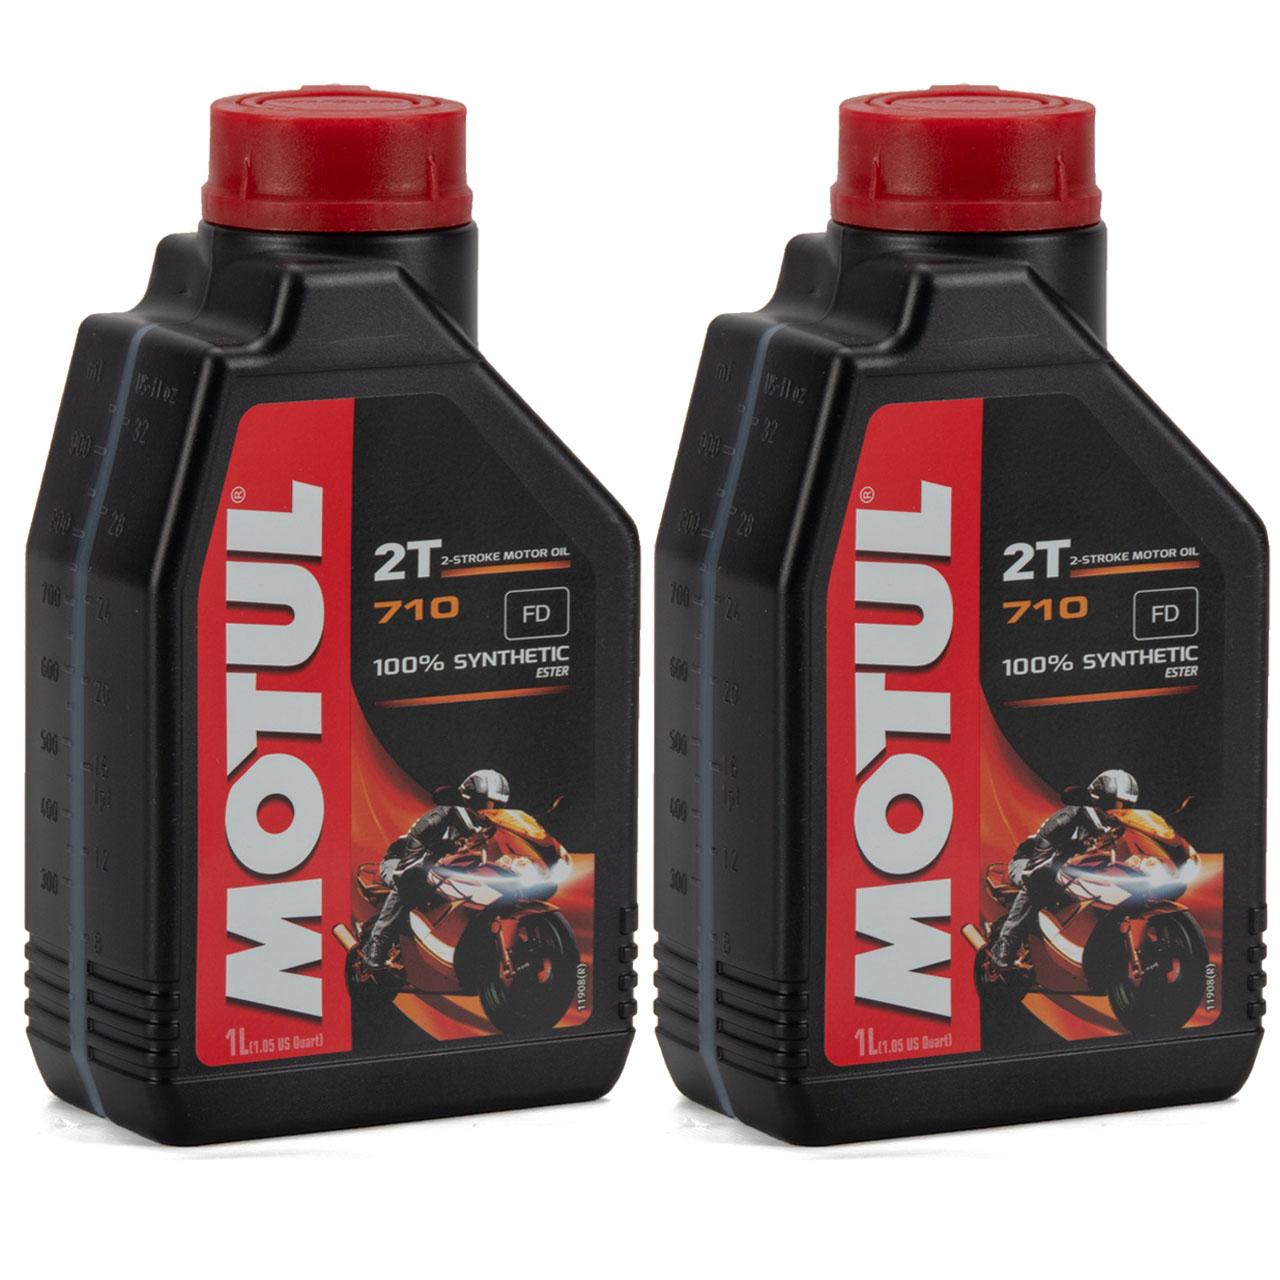 MOTUL 710 2T 2-TAKT FD ESTER Motoröl Öl API TC JASO FD ISO-L-EGD - 2L 2 Liter